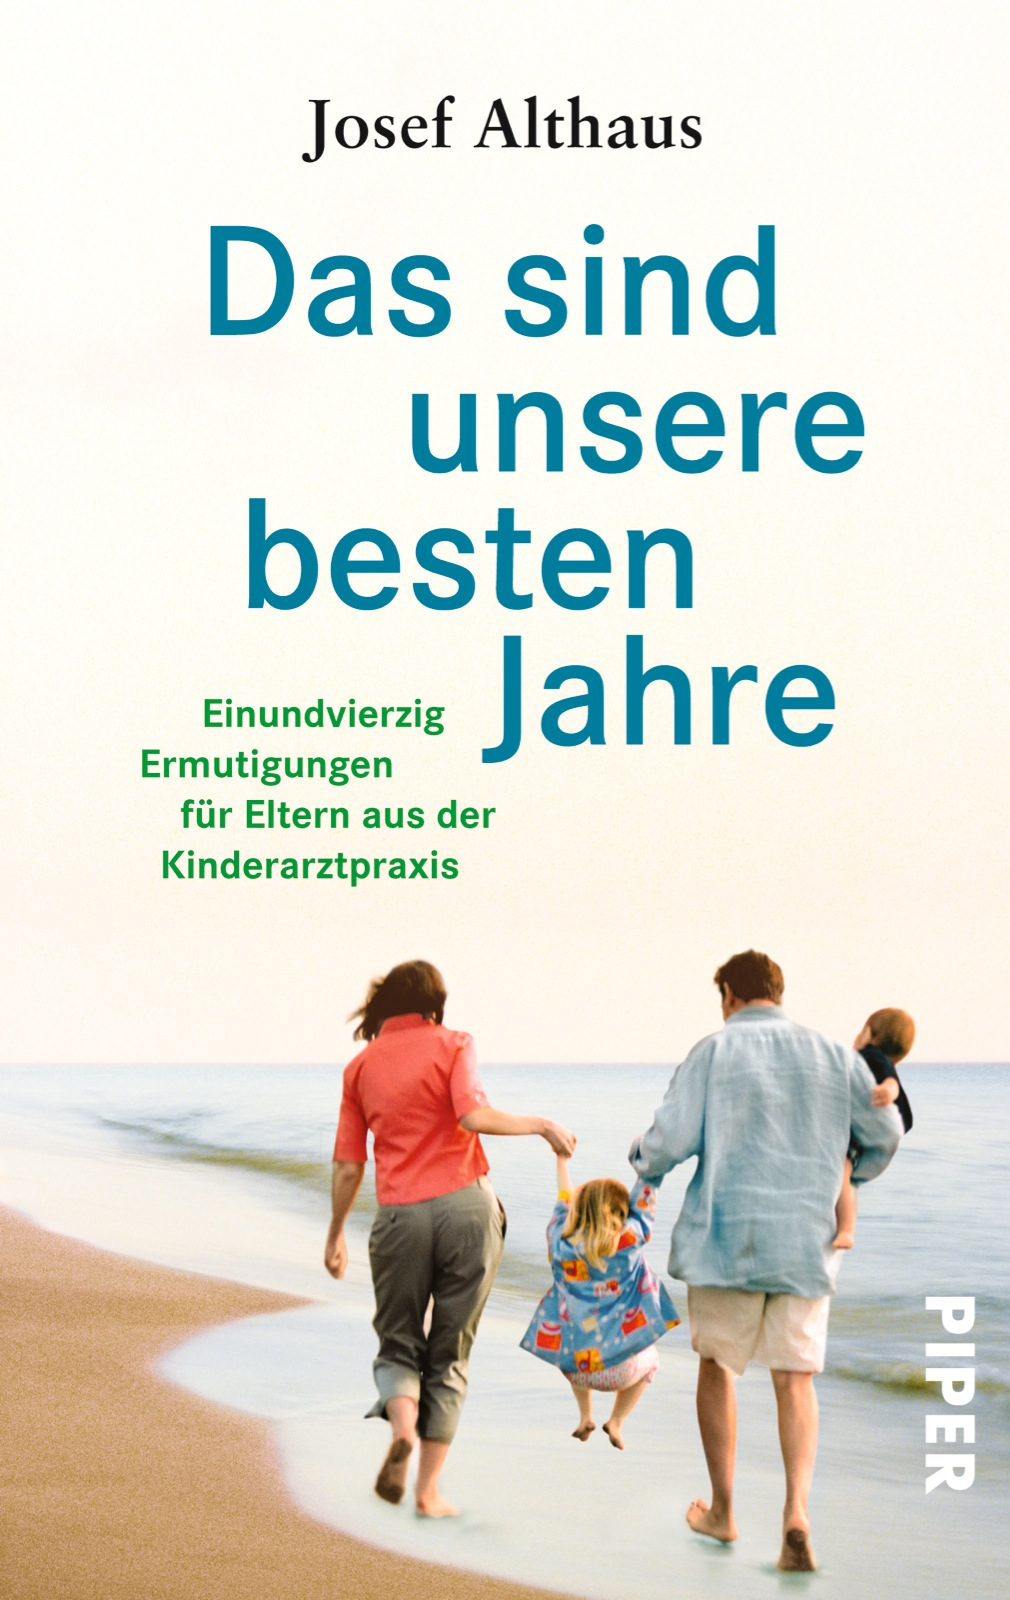 Das sind unsere besten Jahre: 41 Ermutigungen für Eltern aus der Kinderarztpraxis - Josef Althaus [Taschenbuch]